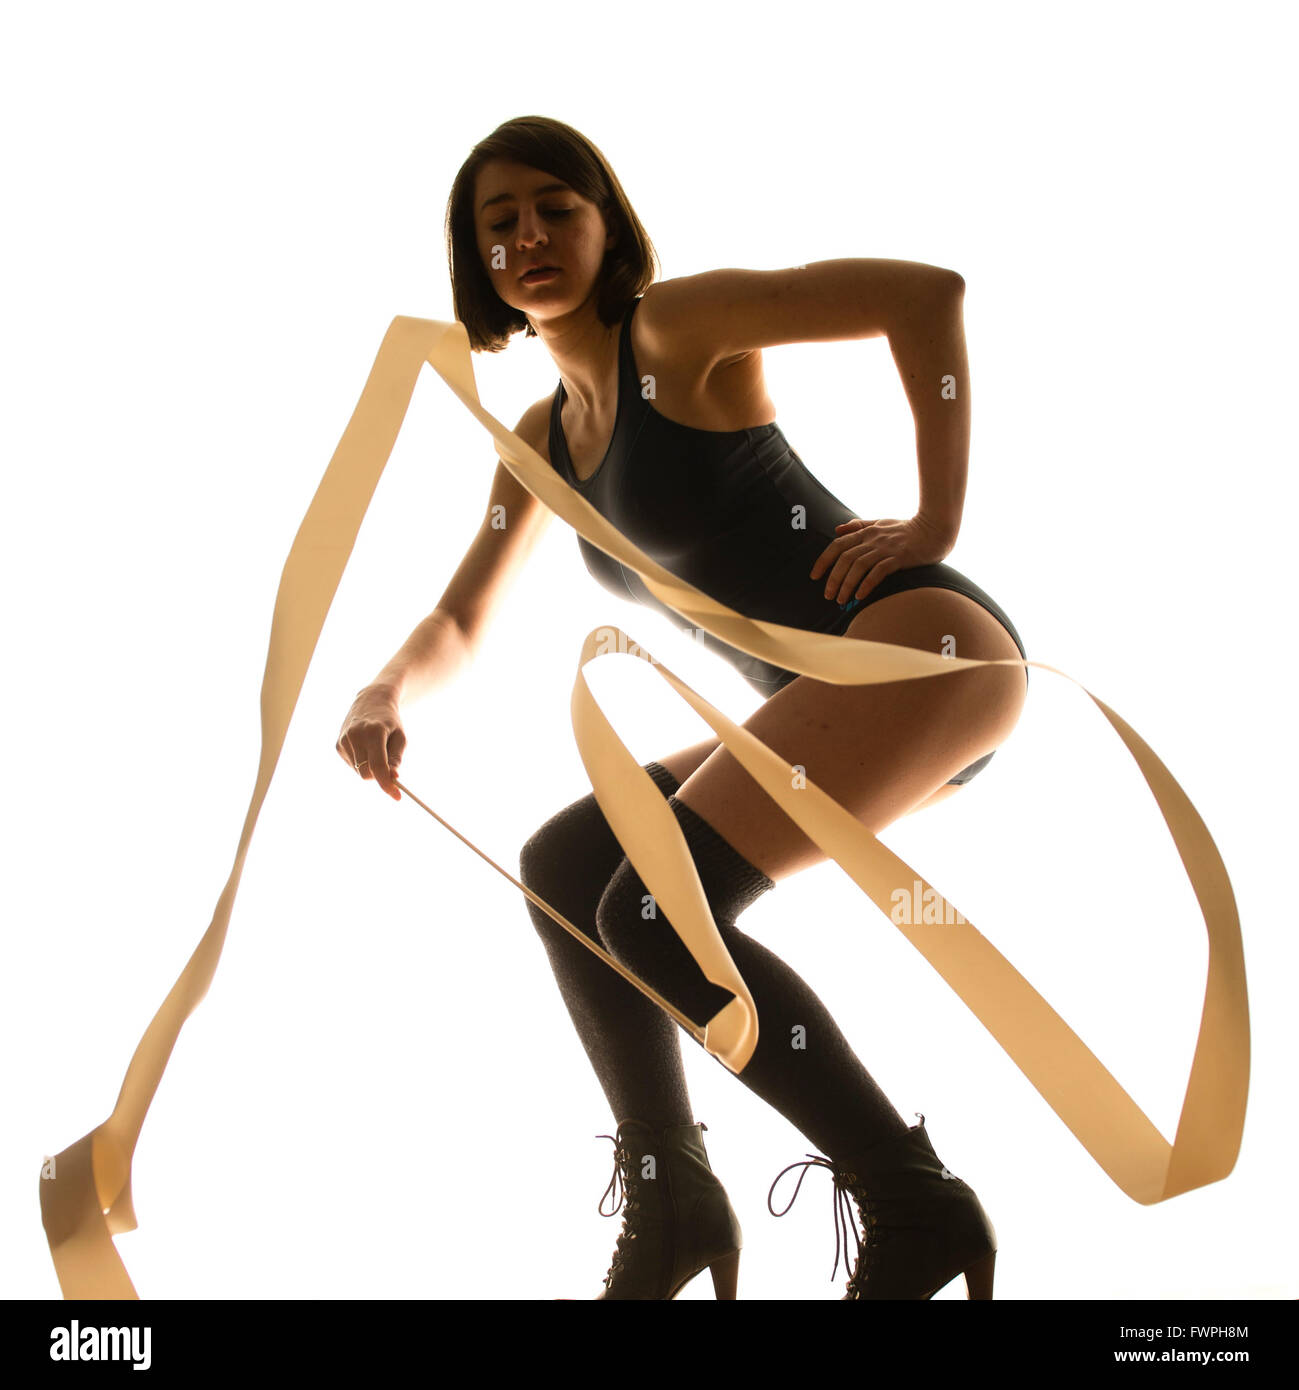 Ginnastica ritmica : una giovane donna ballare con nastri Foto Stock